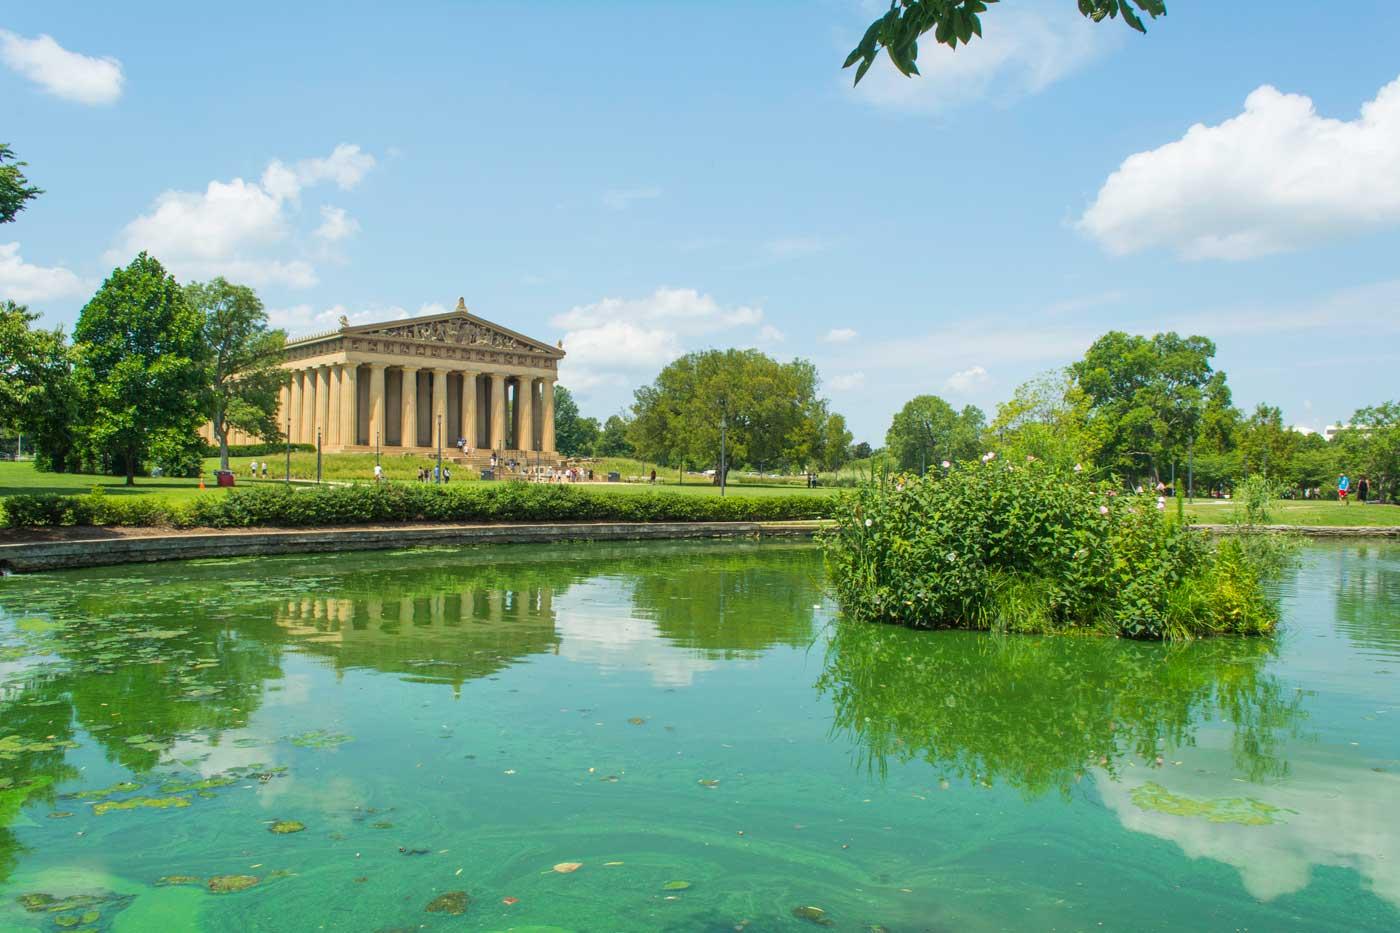 5 Must Visit Parks In Nashville Tn, Nashville Relocation Guide Intended For Centennial Park Nashville Events Calendar